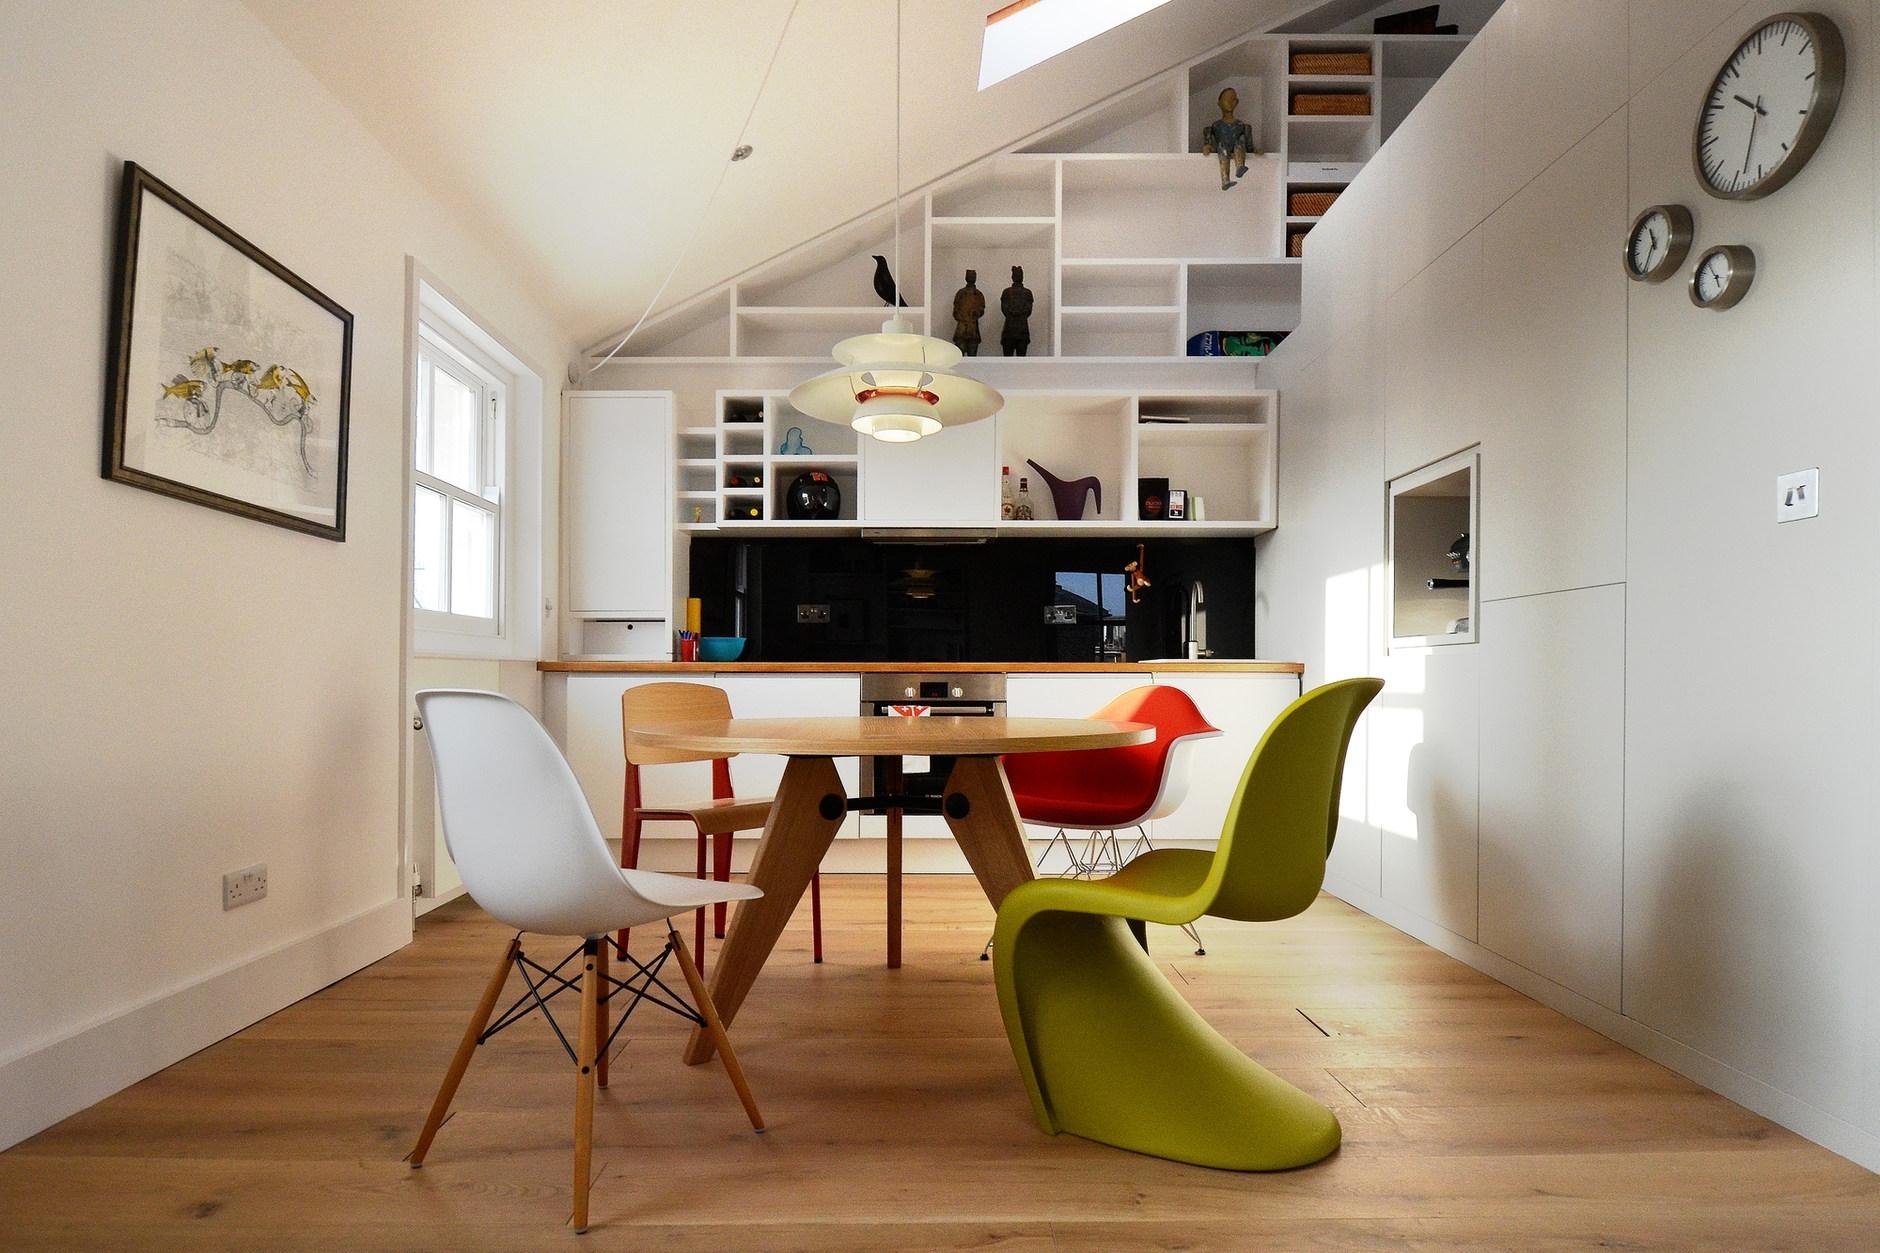 Loft Space In Camden By Craft Design KARMATRENDZ